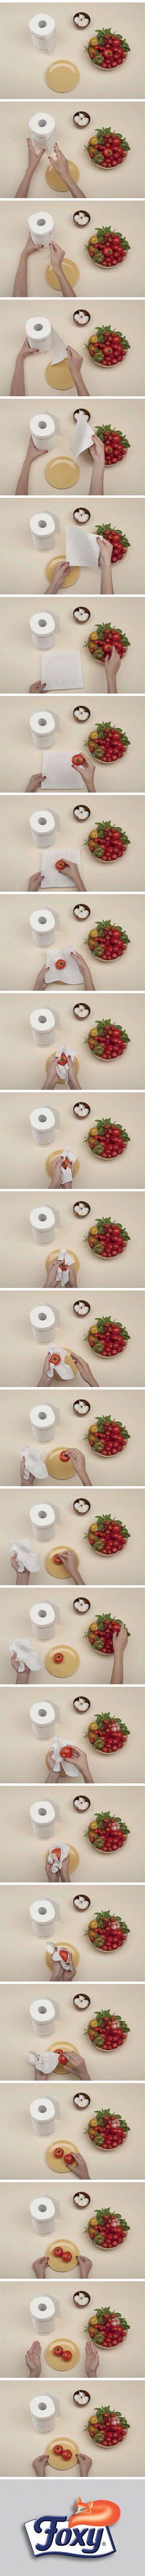 Che sia estate o inverno, a una fresca insalata di pomodori non rinunceremmo mai. Come conservare più a lungo una grande scorta? Scopri consigli e segreti su http://www.foxymega.it/optimize/impara-come-ottimizzarlo.php?id=Pomodori #foxy  #optimize #ordine #pomodoro #conservare #food #cucina #organization #ideas #home #space